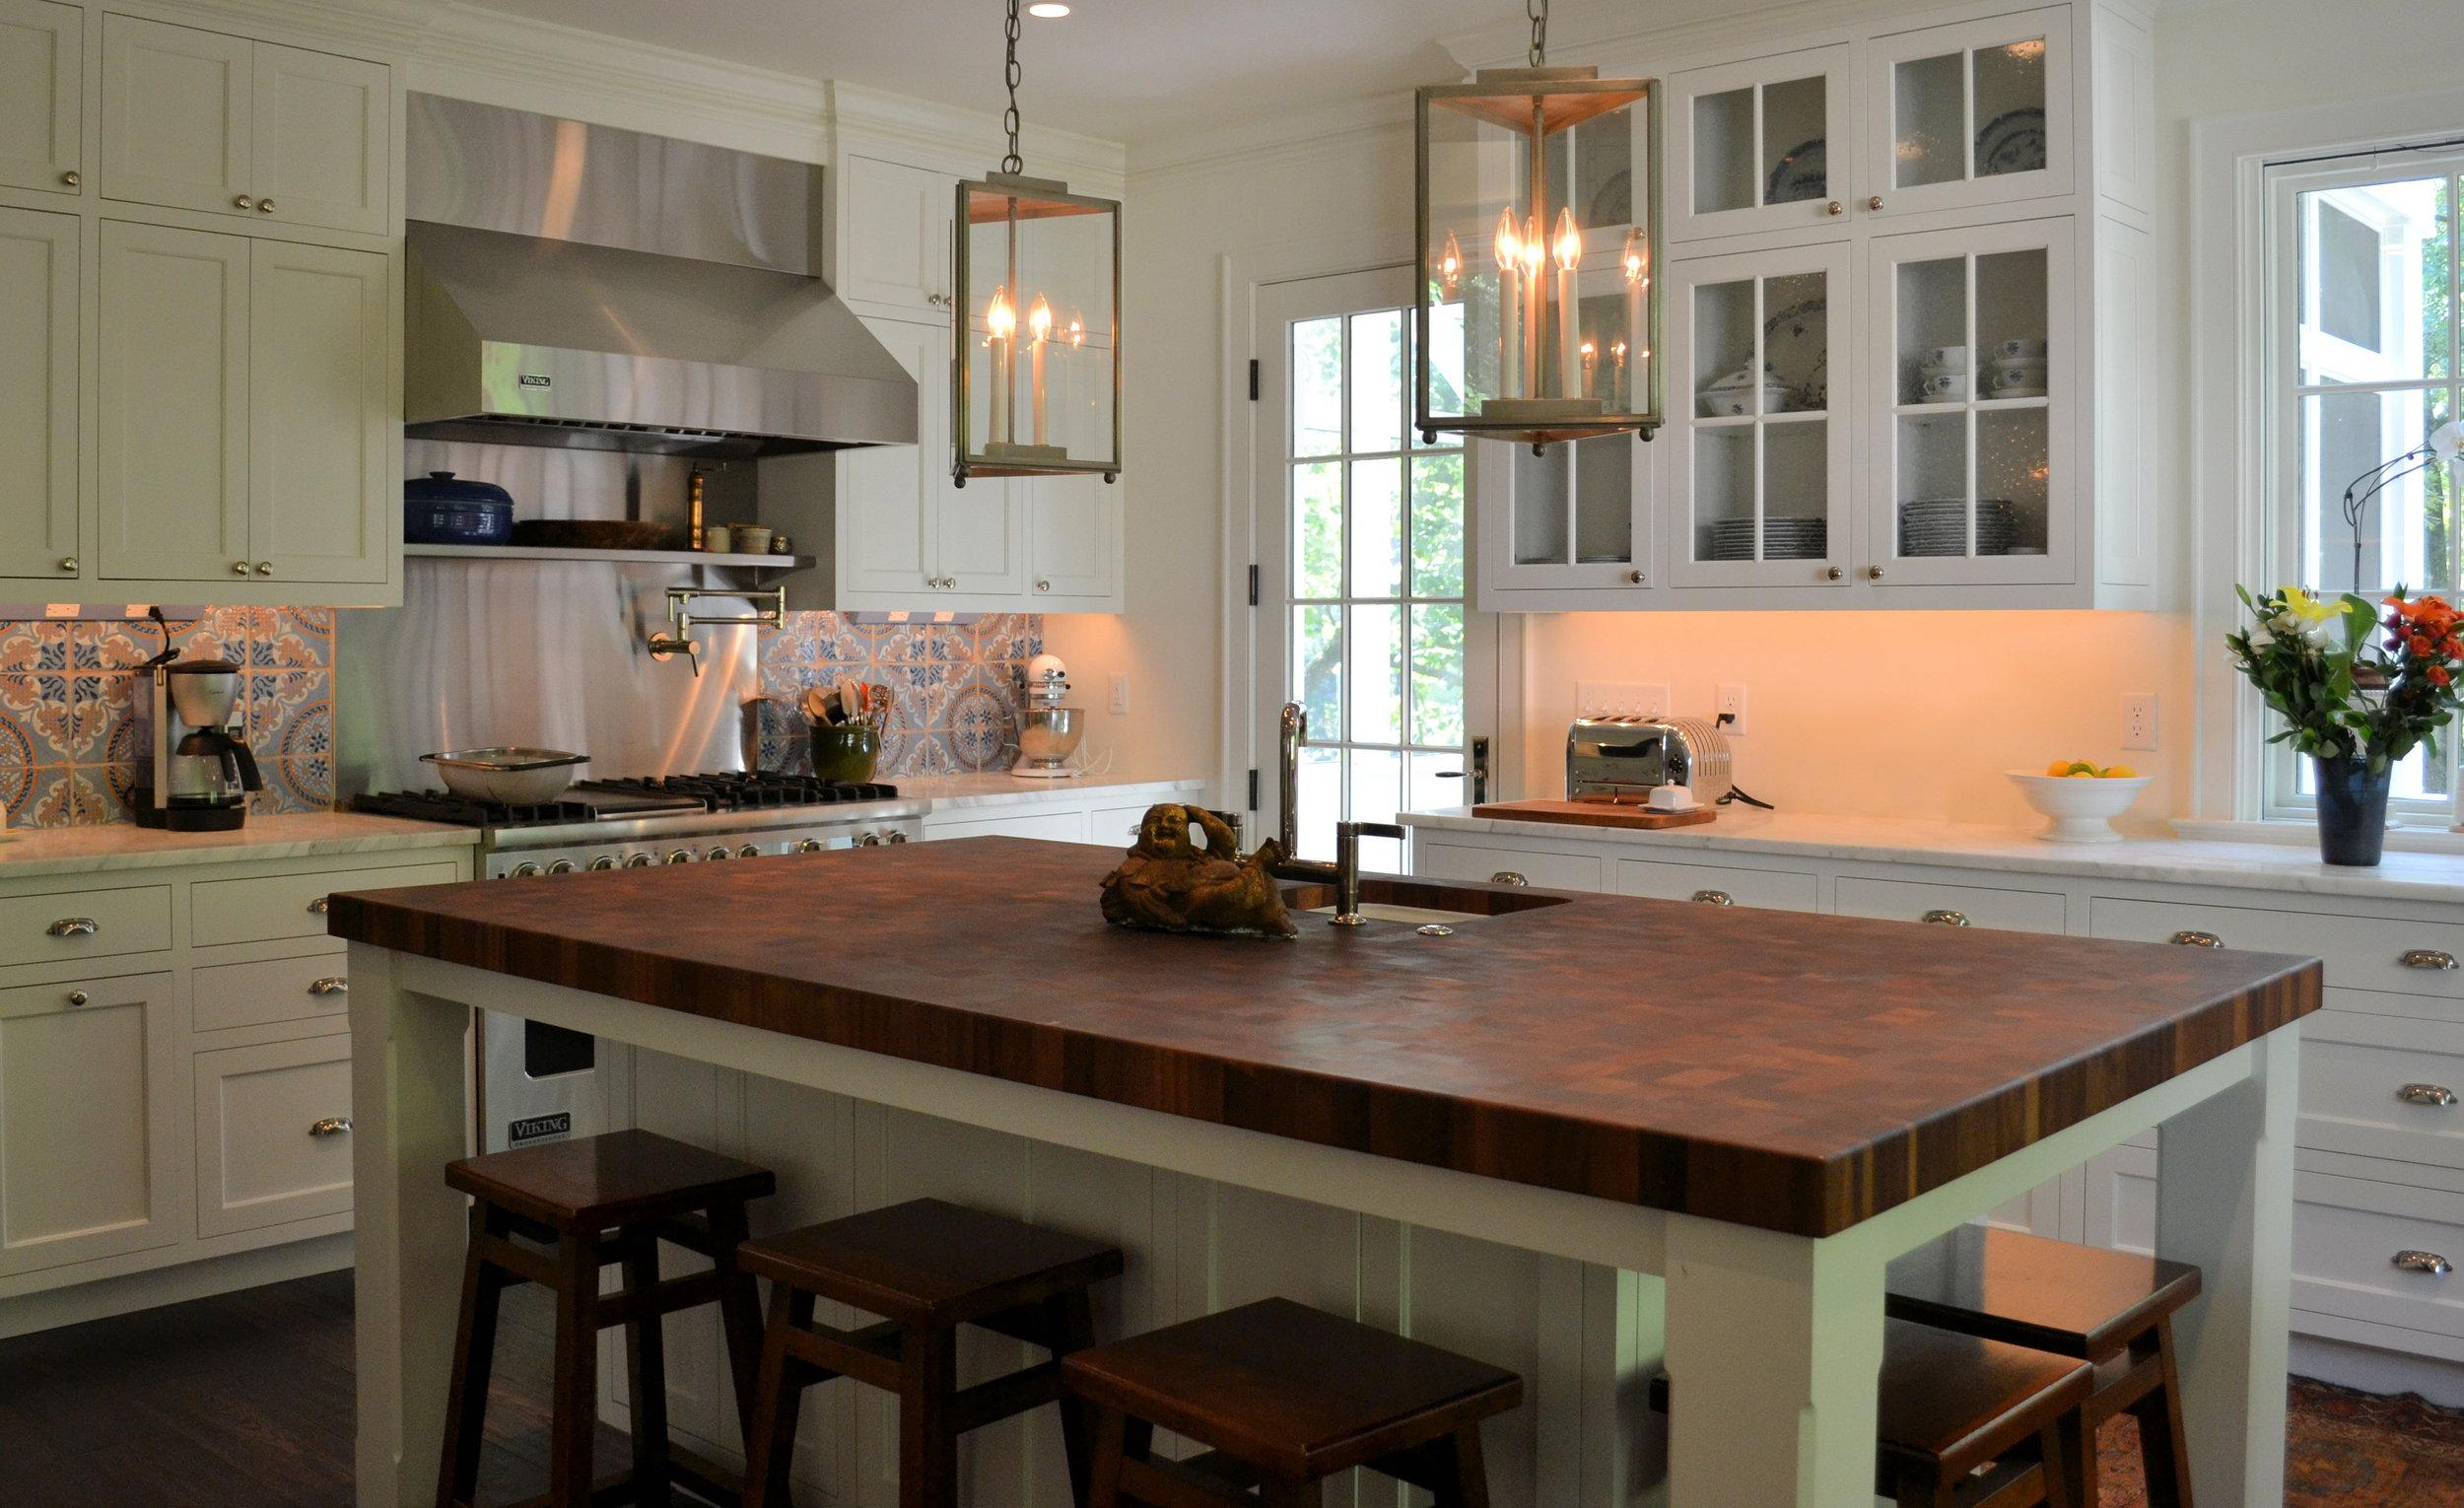 Kimmel Studio Custom Annapolis Home - Kitchen.jpg